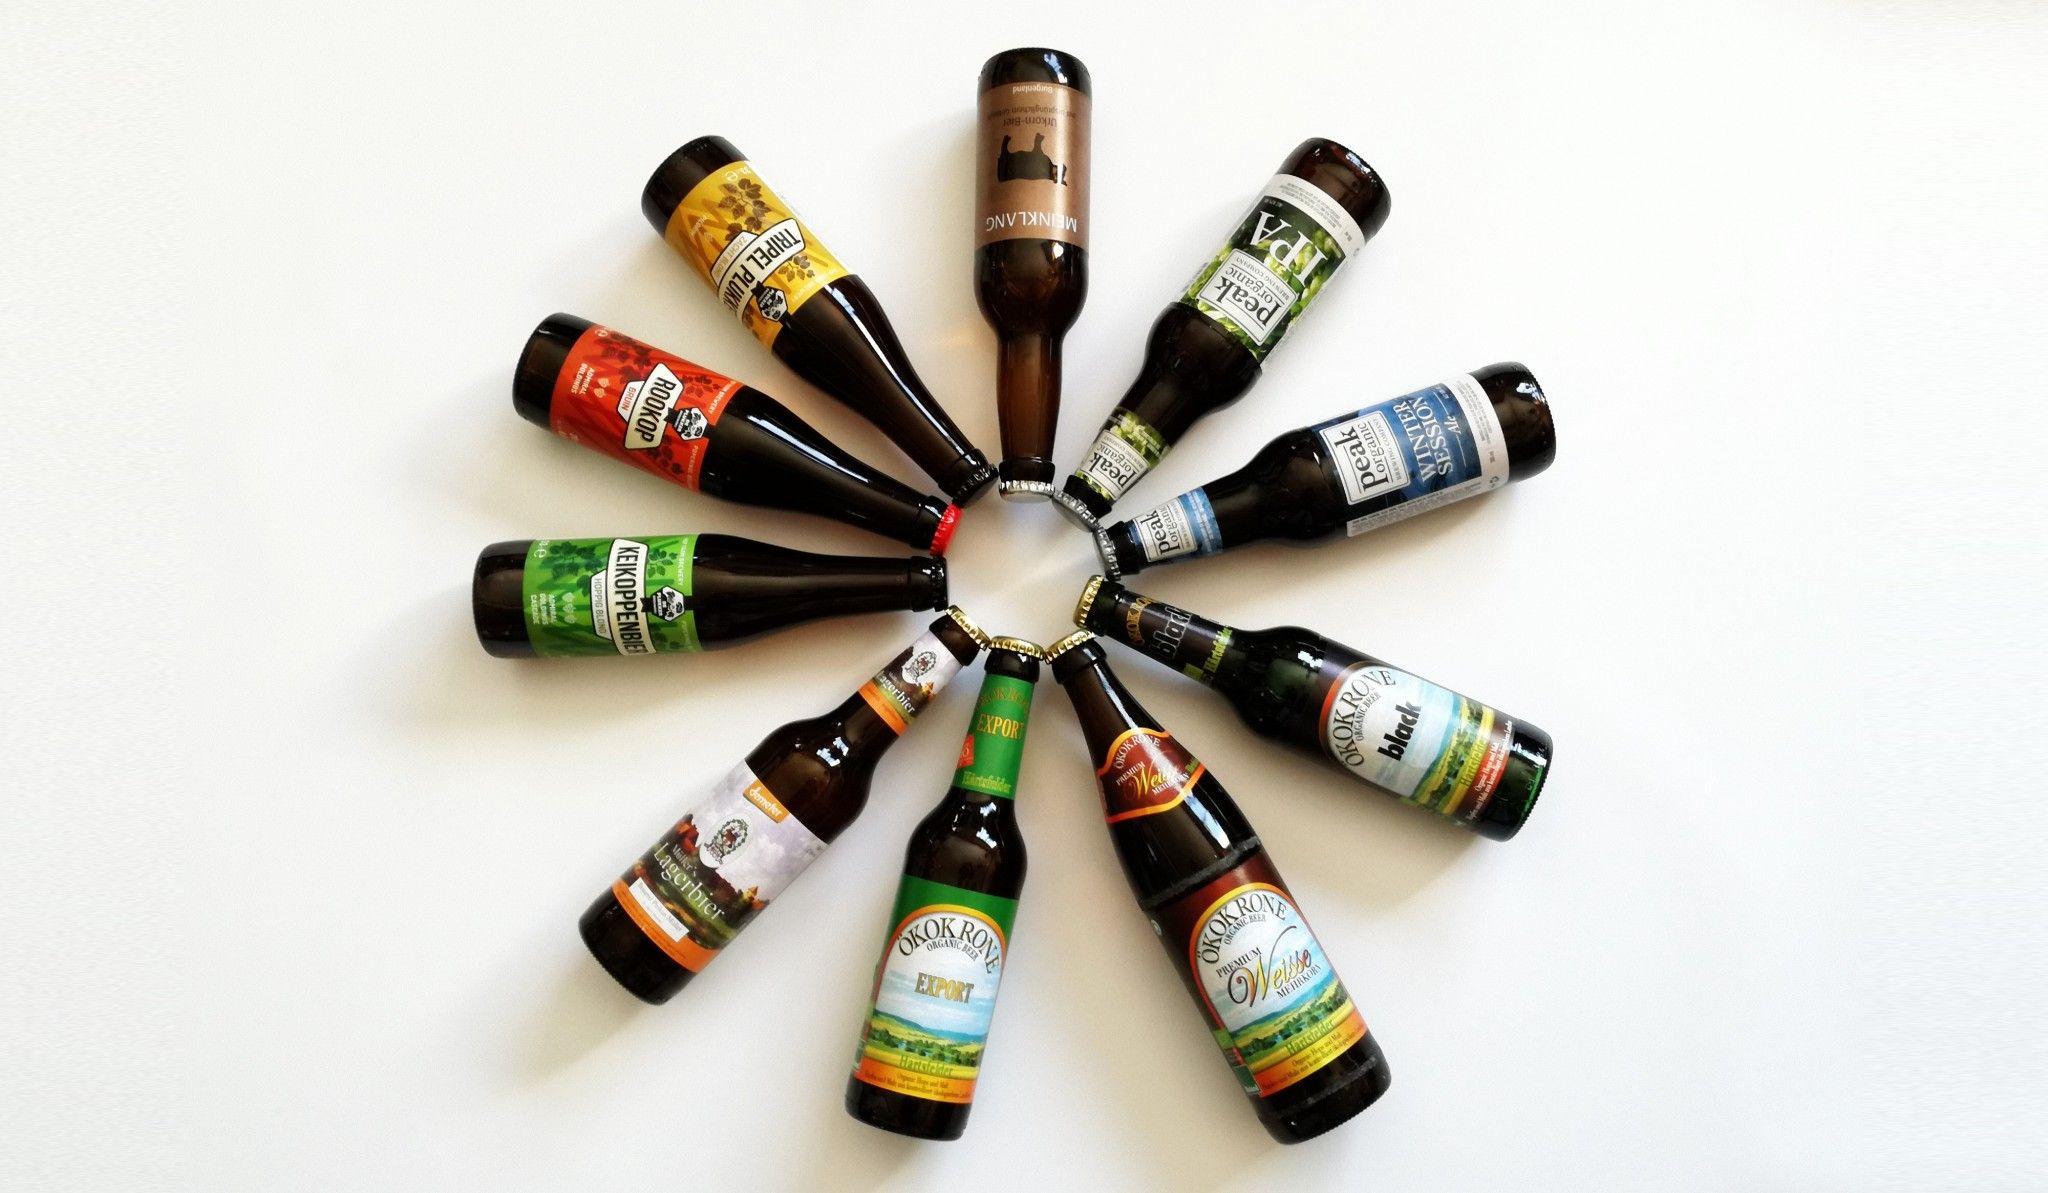 En Orgànics Magazine abrimos nuestras fronteras y nos vamos de cata dando un paseo por cervezas ecológicas de Alemania, Austria, Bélgica ¡¡y hasta de EEUU!! No te pierdas nuestra ruta por el sabor cervecero más auténtico